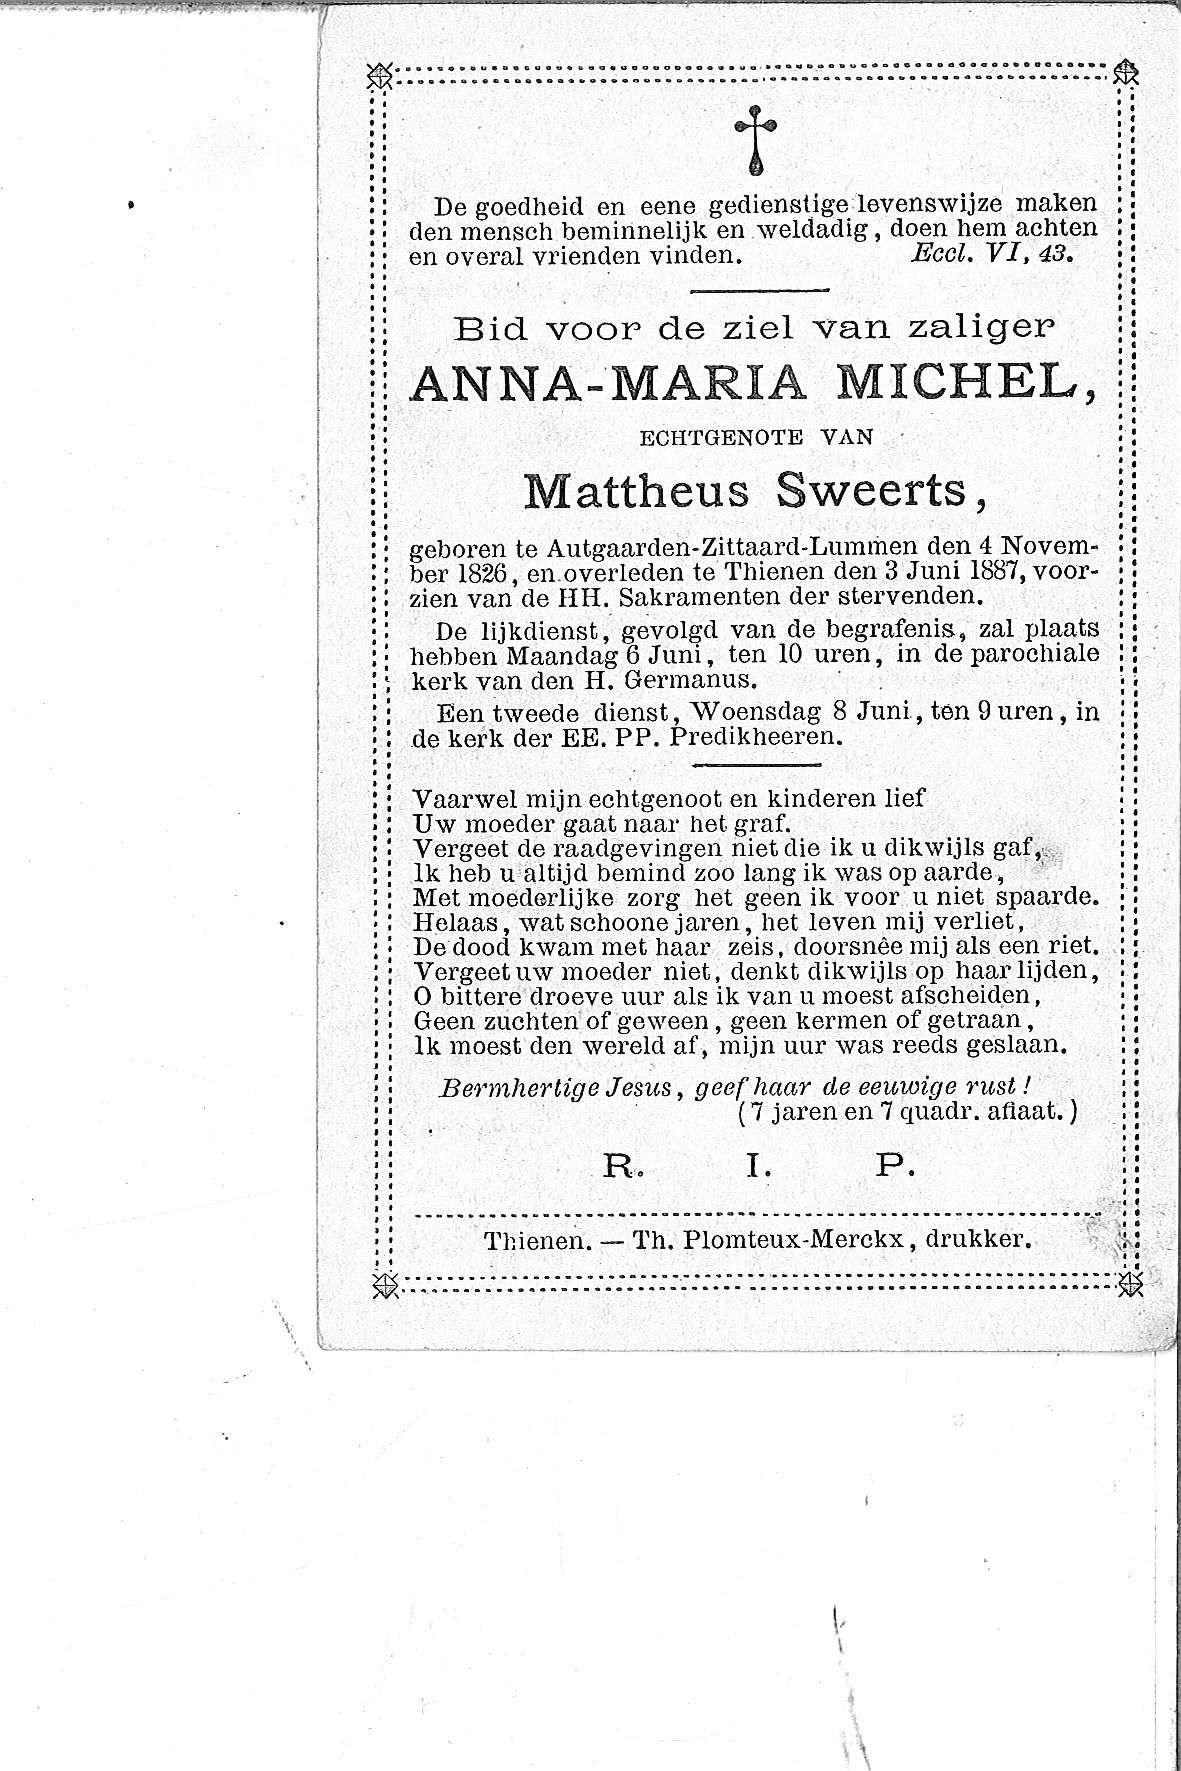 Anna-Maria(1887)20140407114443_00048.jpg